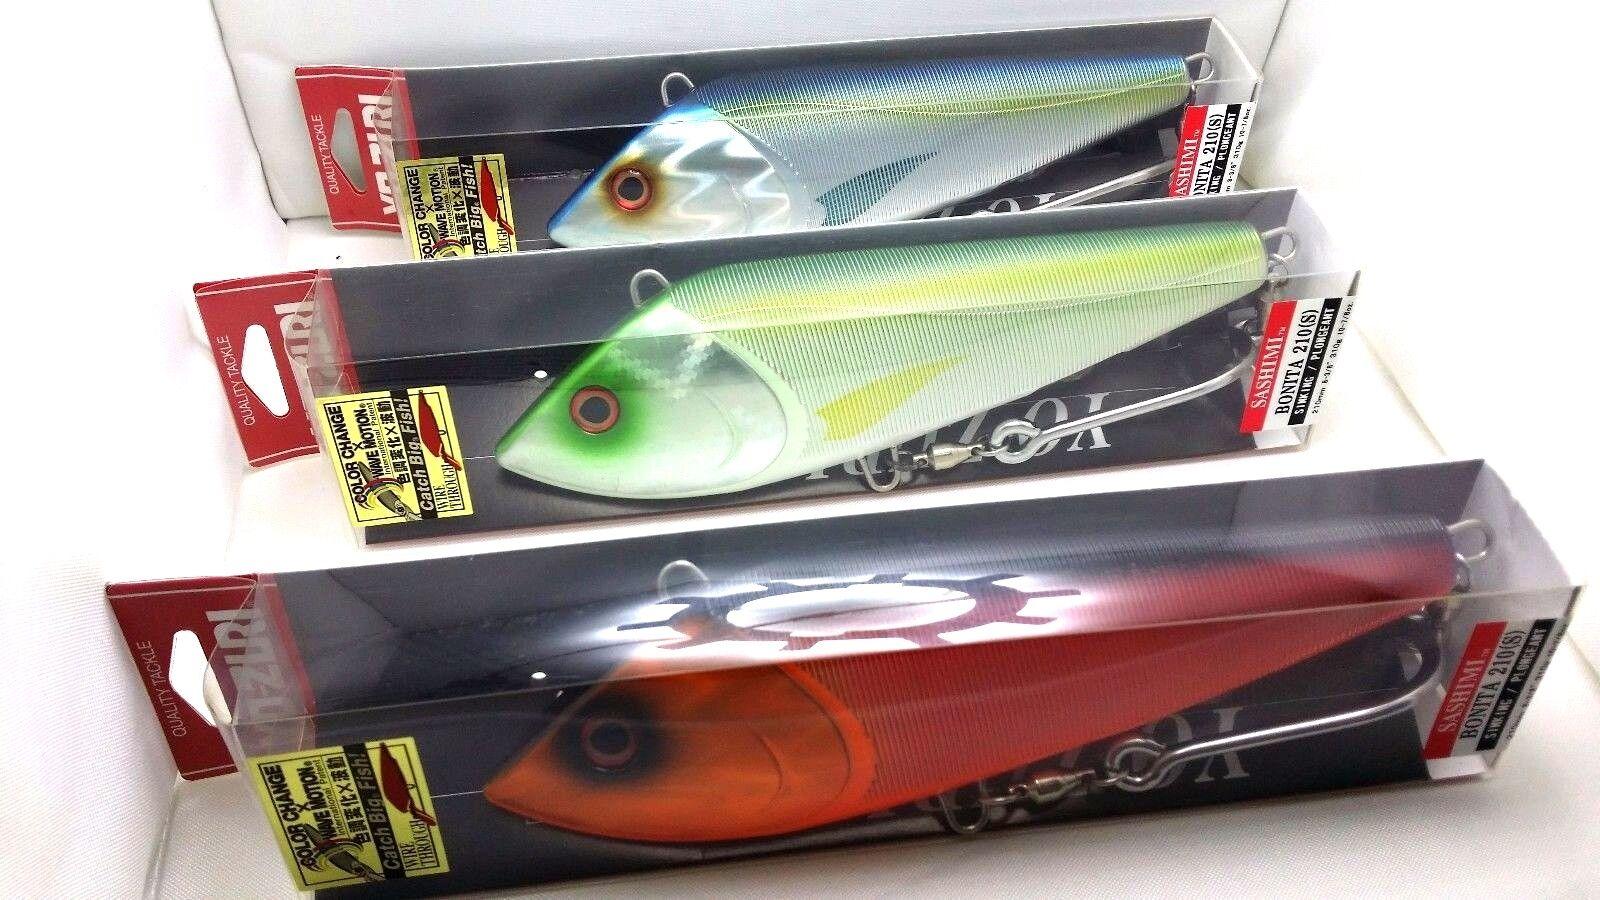 1pc Yo-zuri Sashimi Bonita 210S 310g Sinking Trolling Fishing Lure F1057